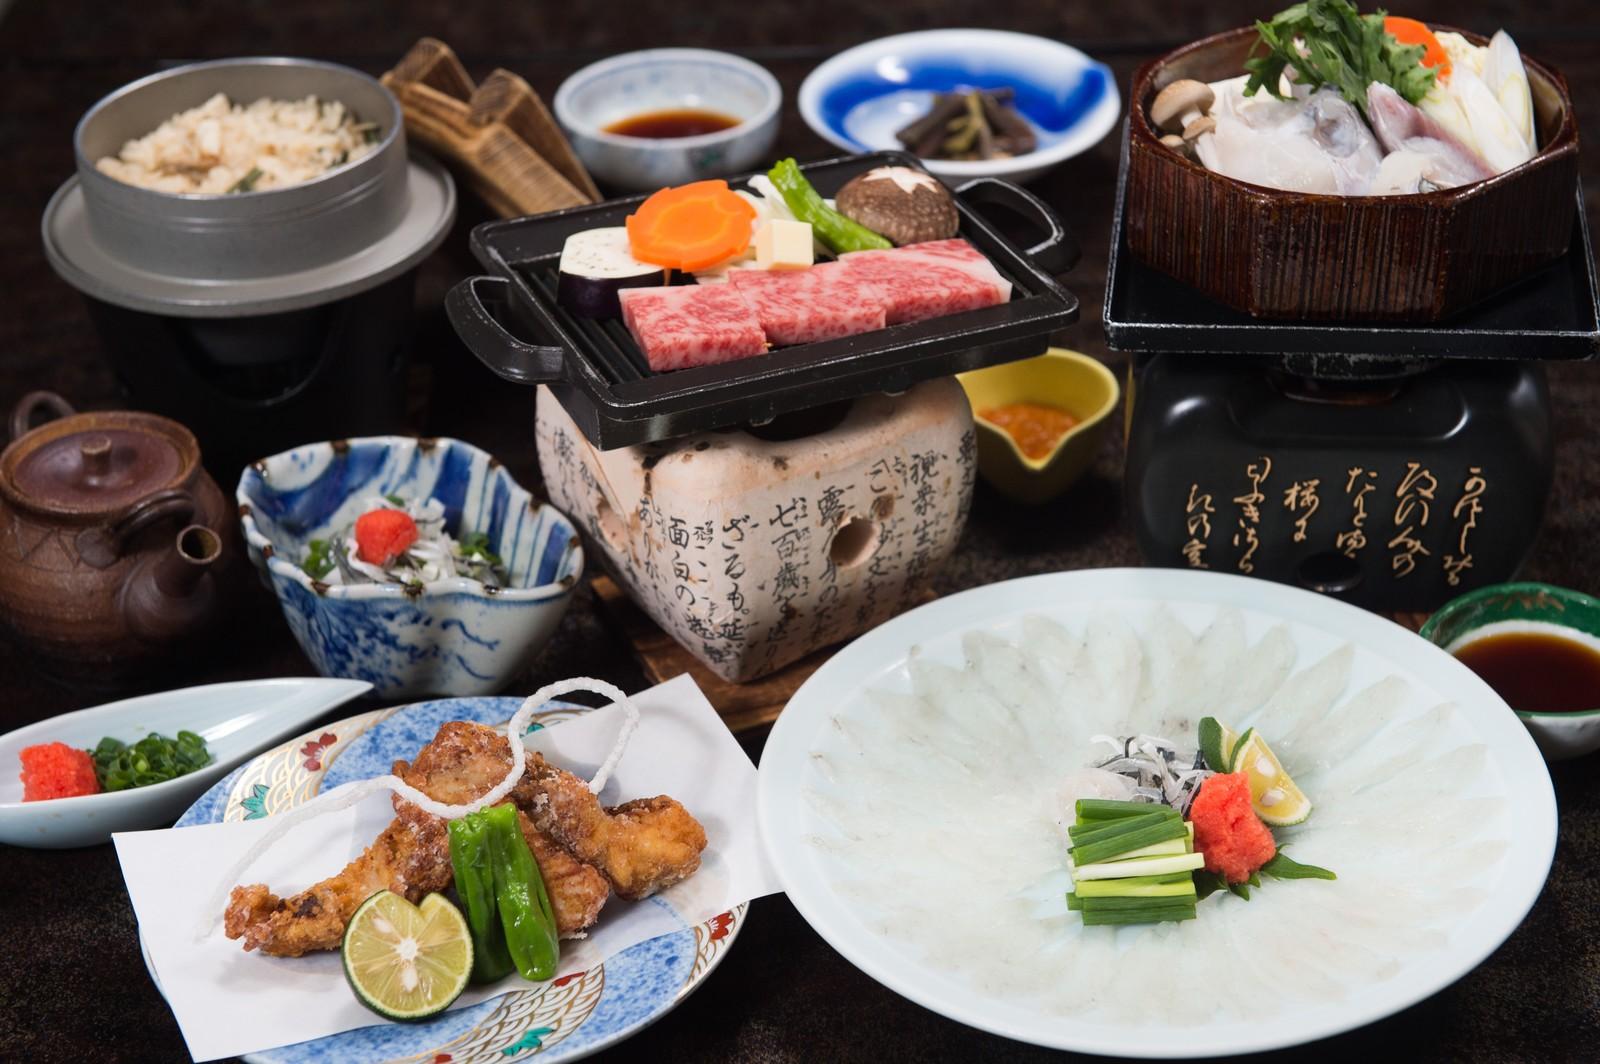 安くて美味しい!日本国内の手軽なお勧め星付きミシュラン店を調査!